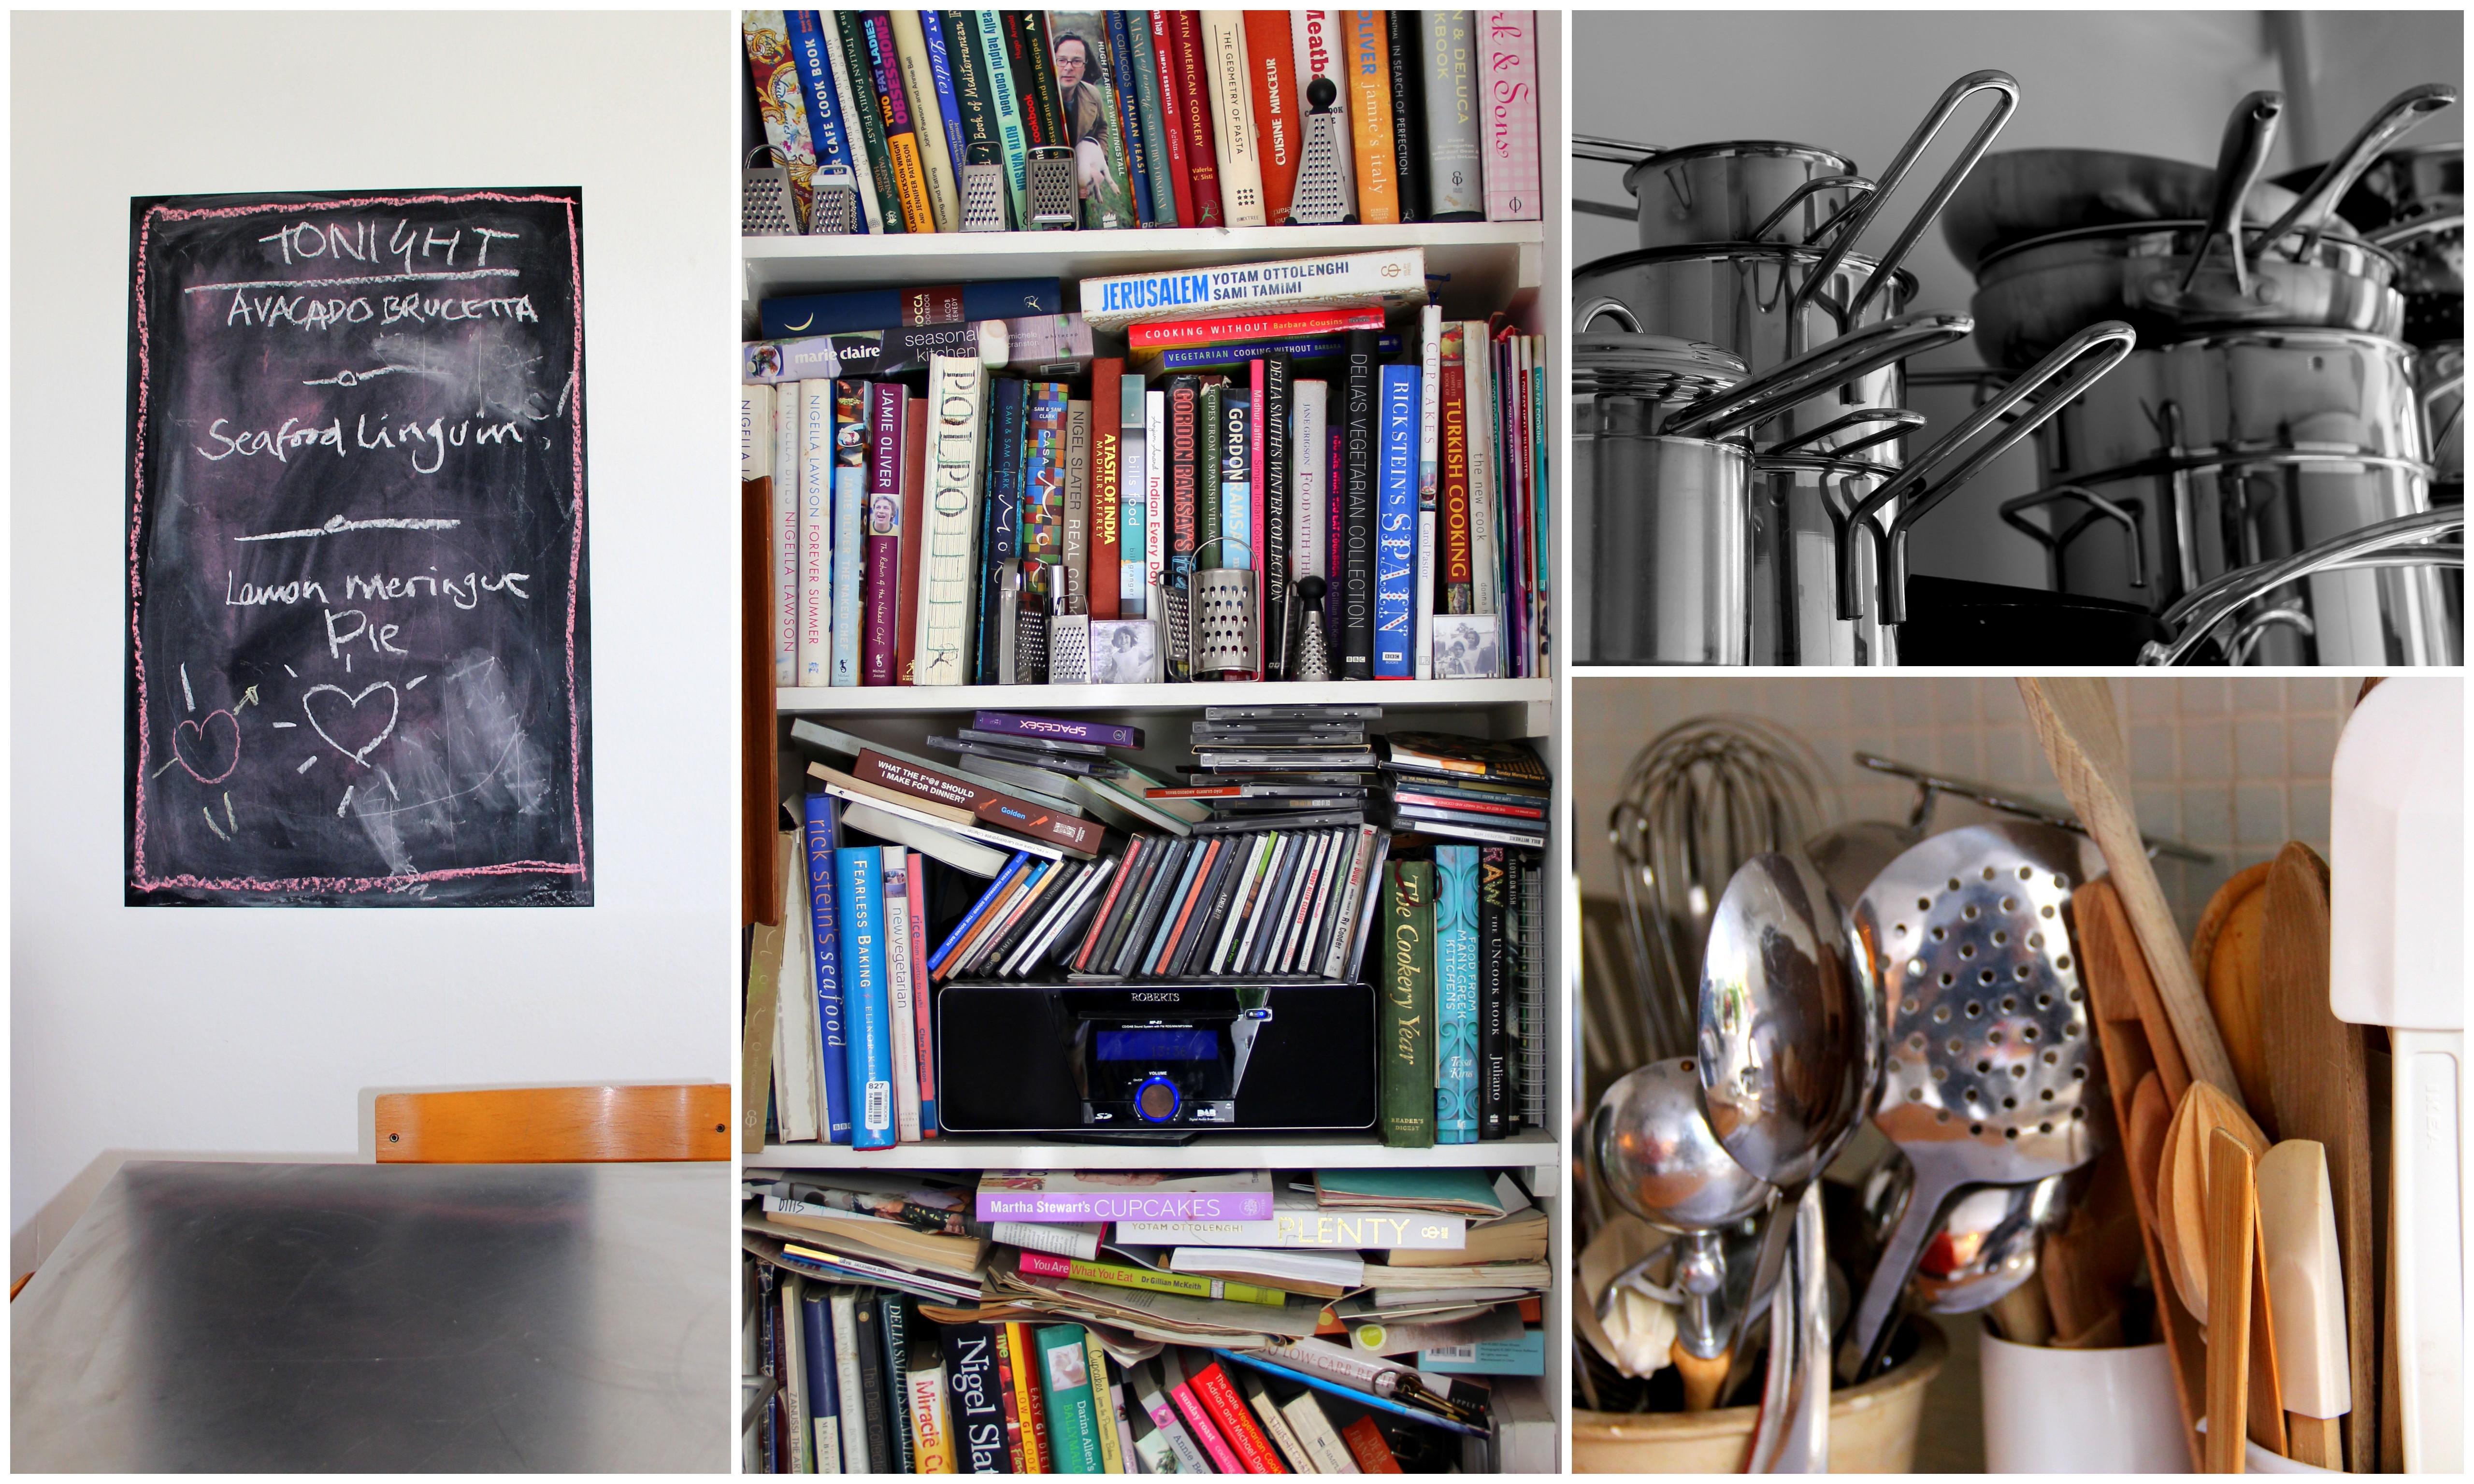 annas kitchen collage - Annas Kitchen